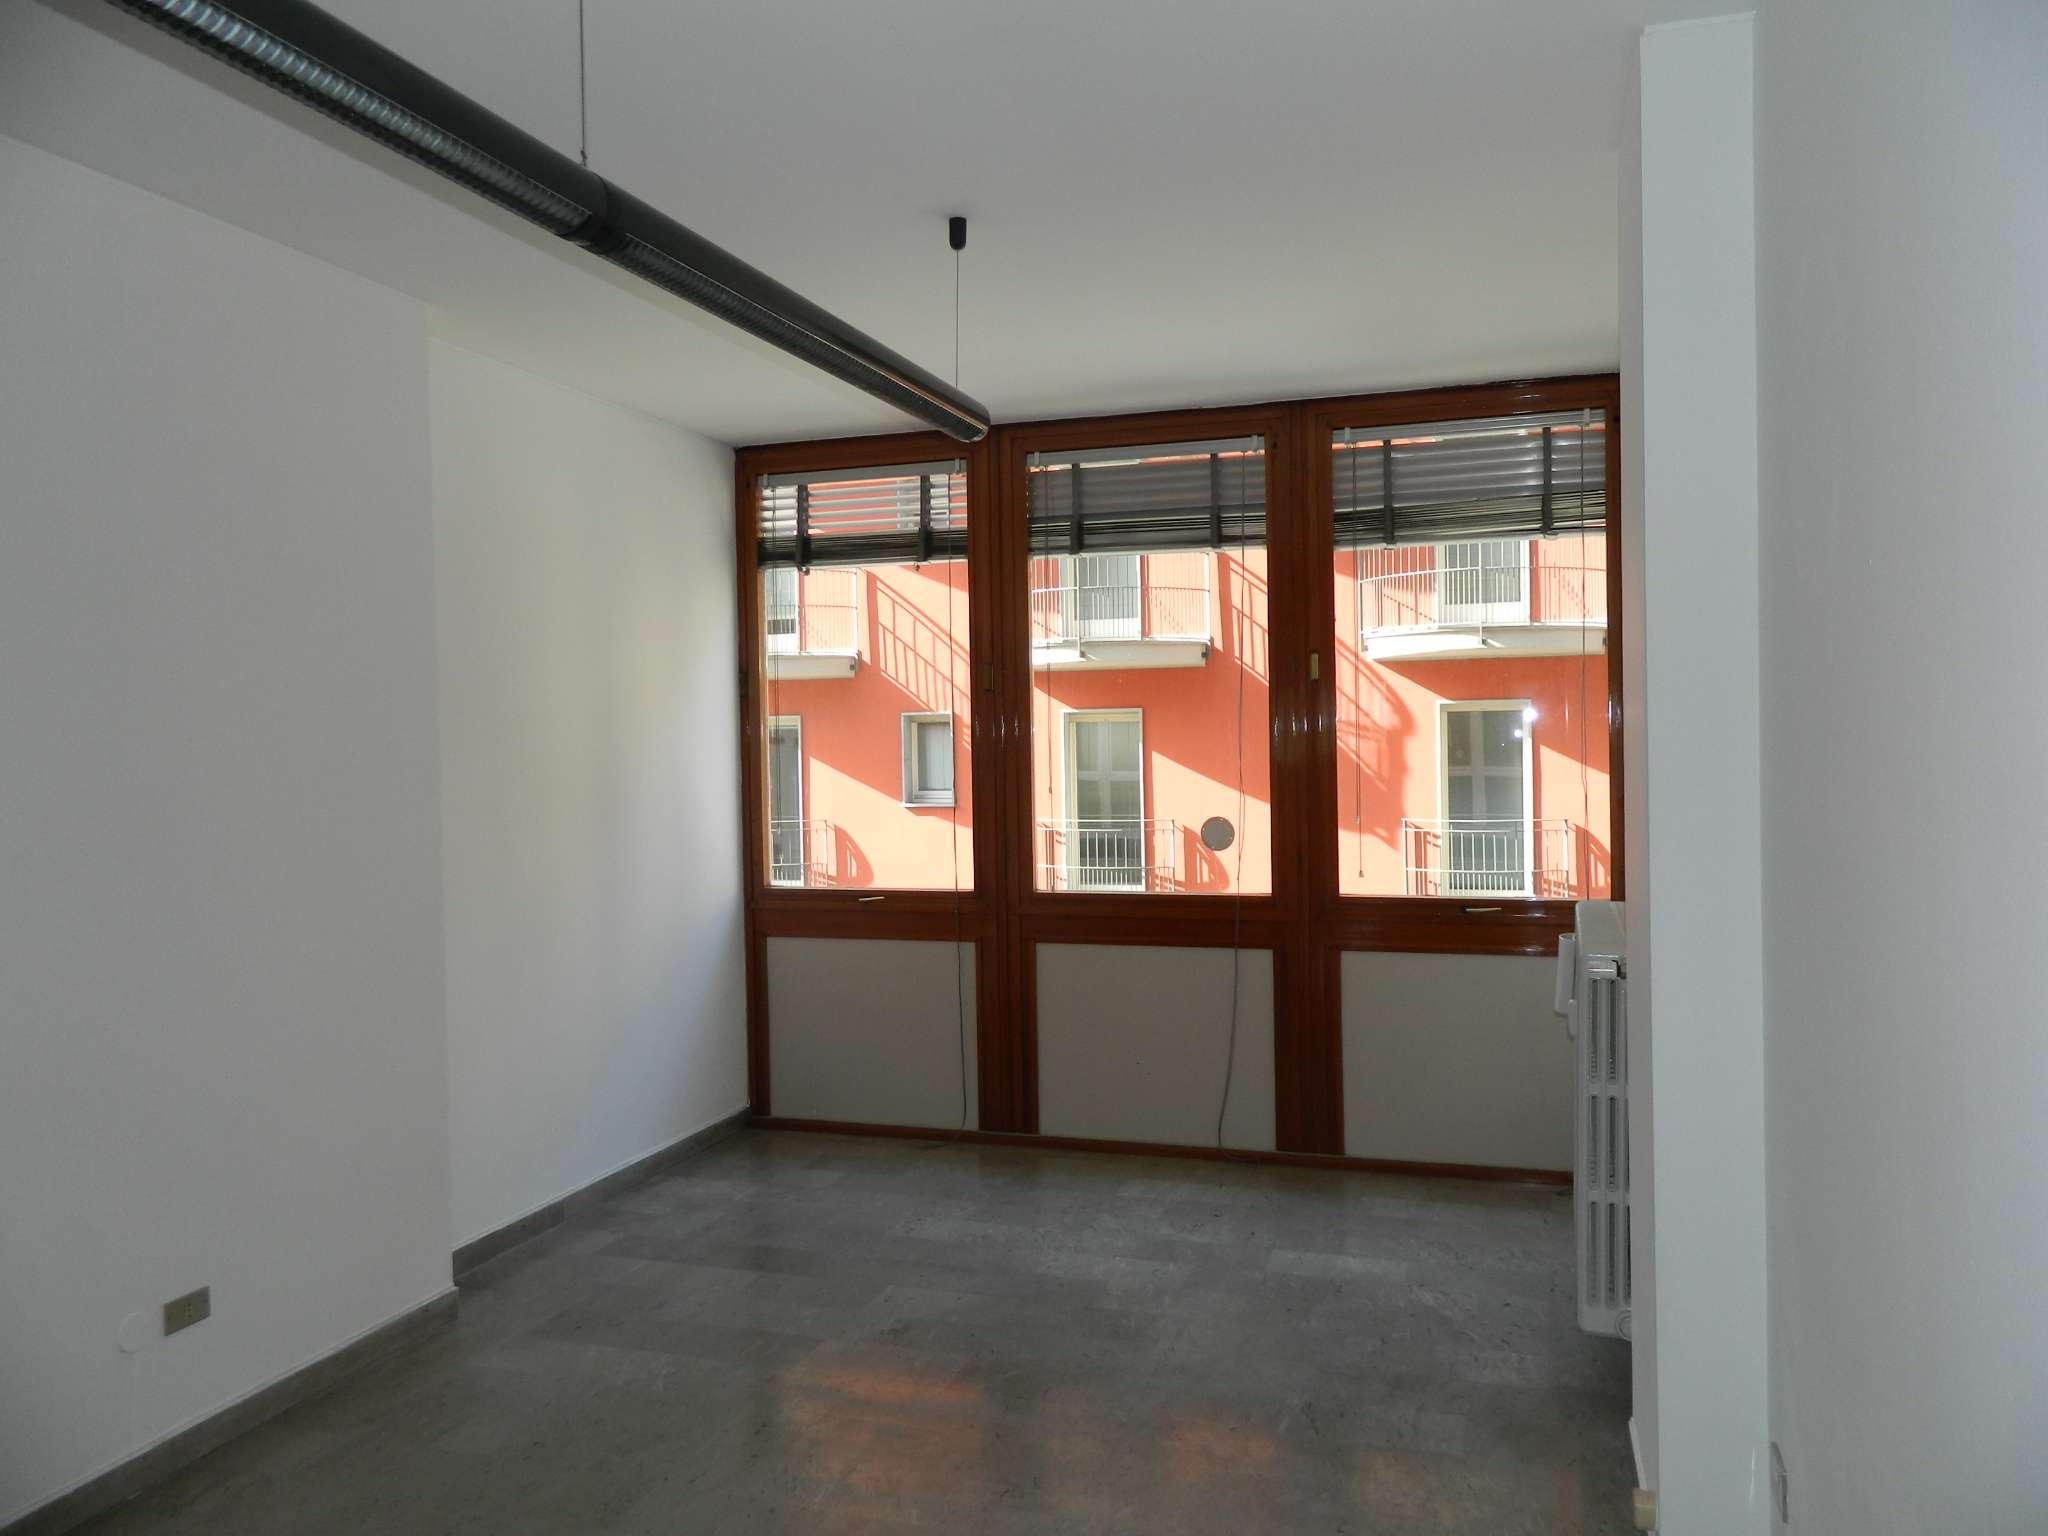 Ufficio / Studio in affitto a Sondrio, 1 locali, prezzo € 500 | CambioCasa.it